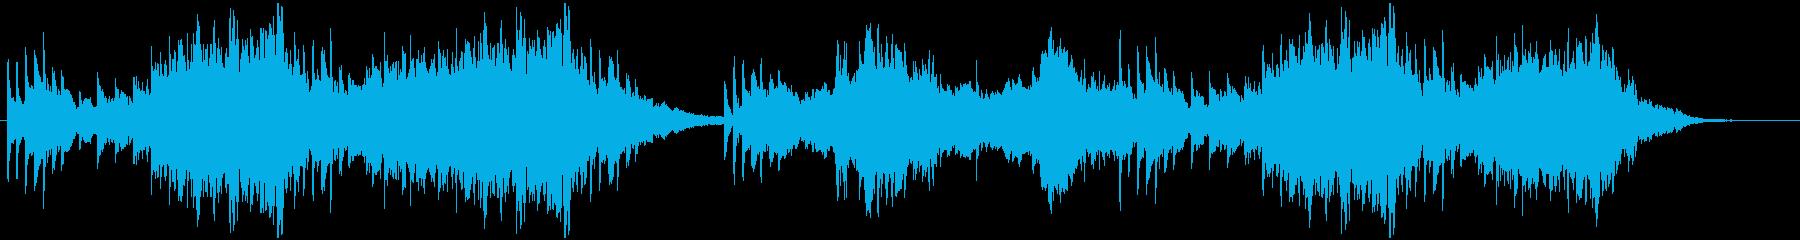 幻想的な森をイメージしたピアノ楽曲の再生済みの波形